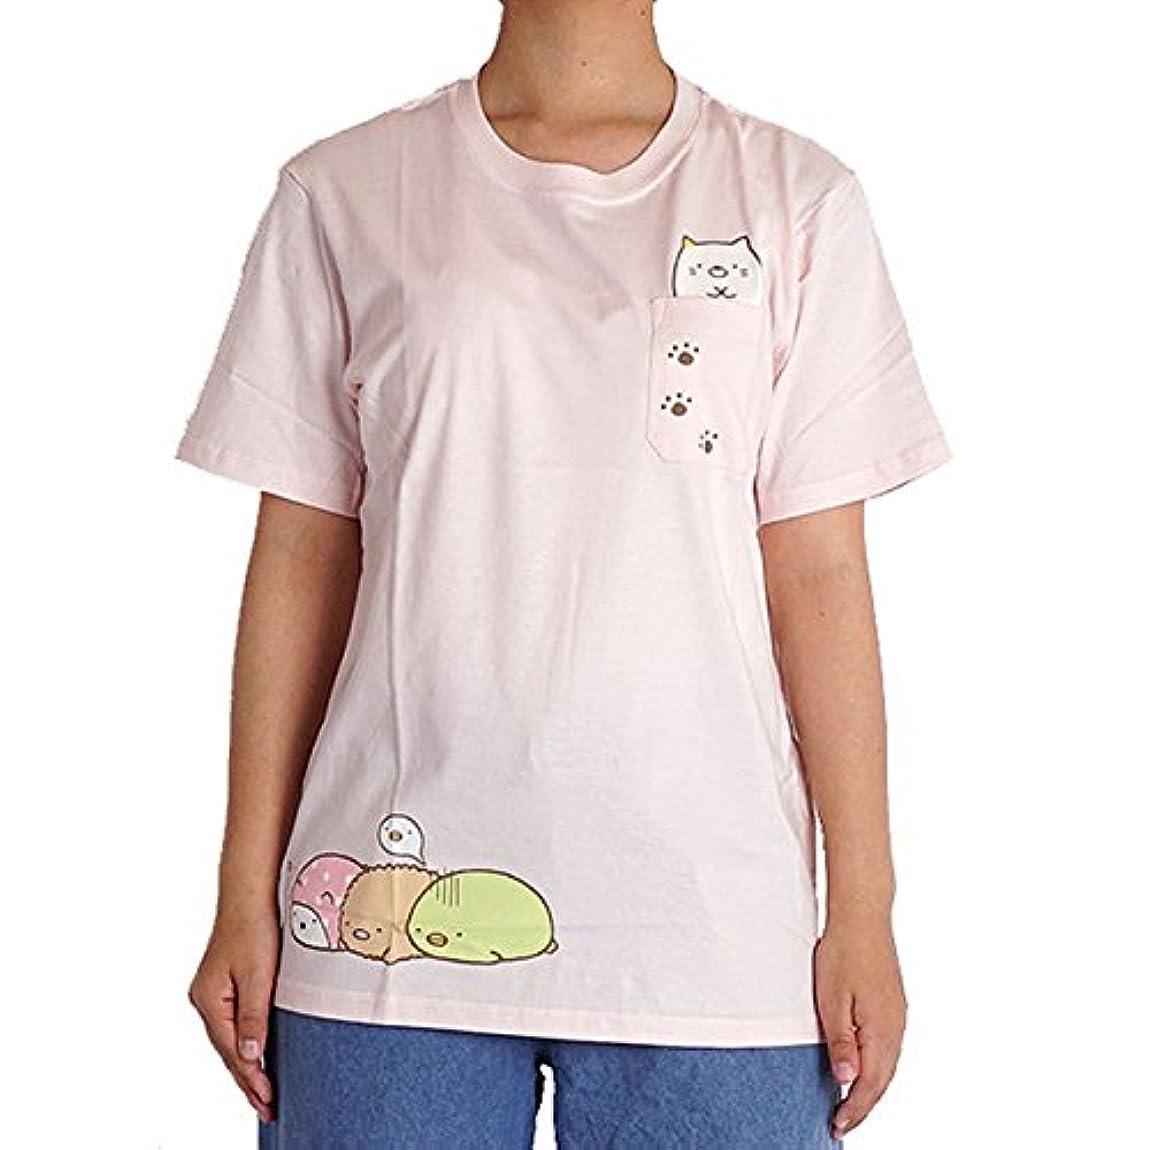 漏れ自伝ハーブすみっコぐらし tシャツ 半袖 sg1172100